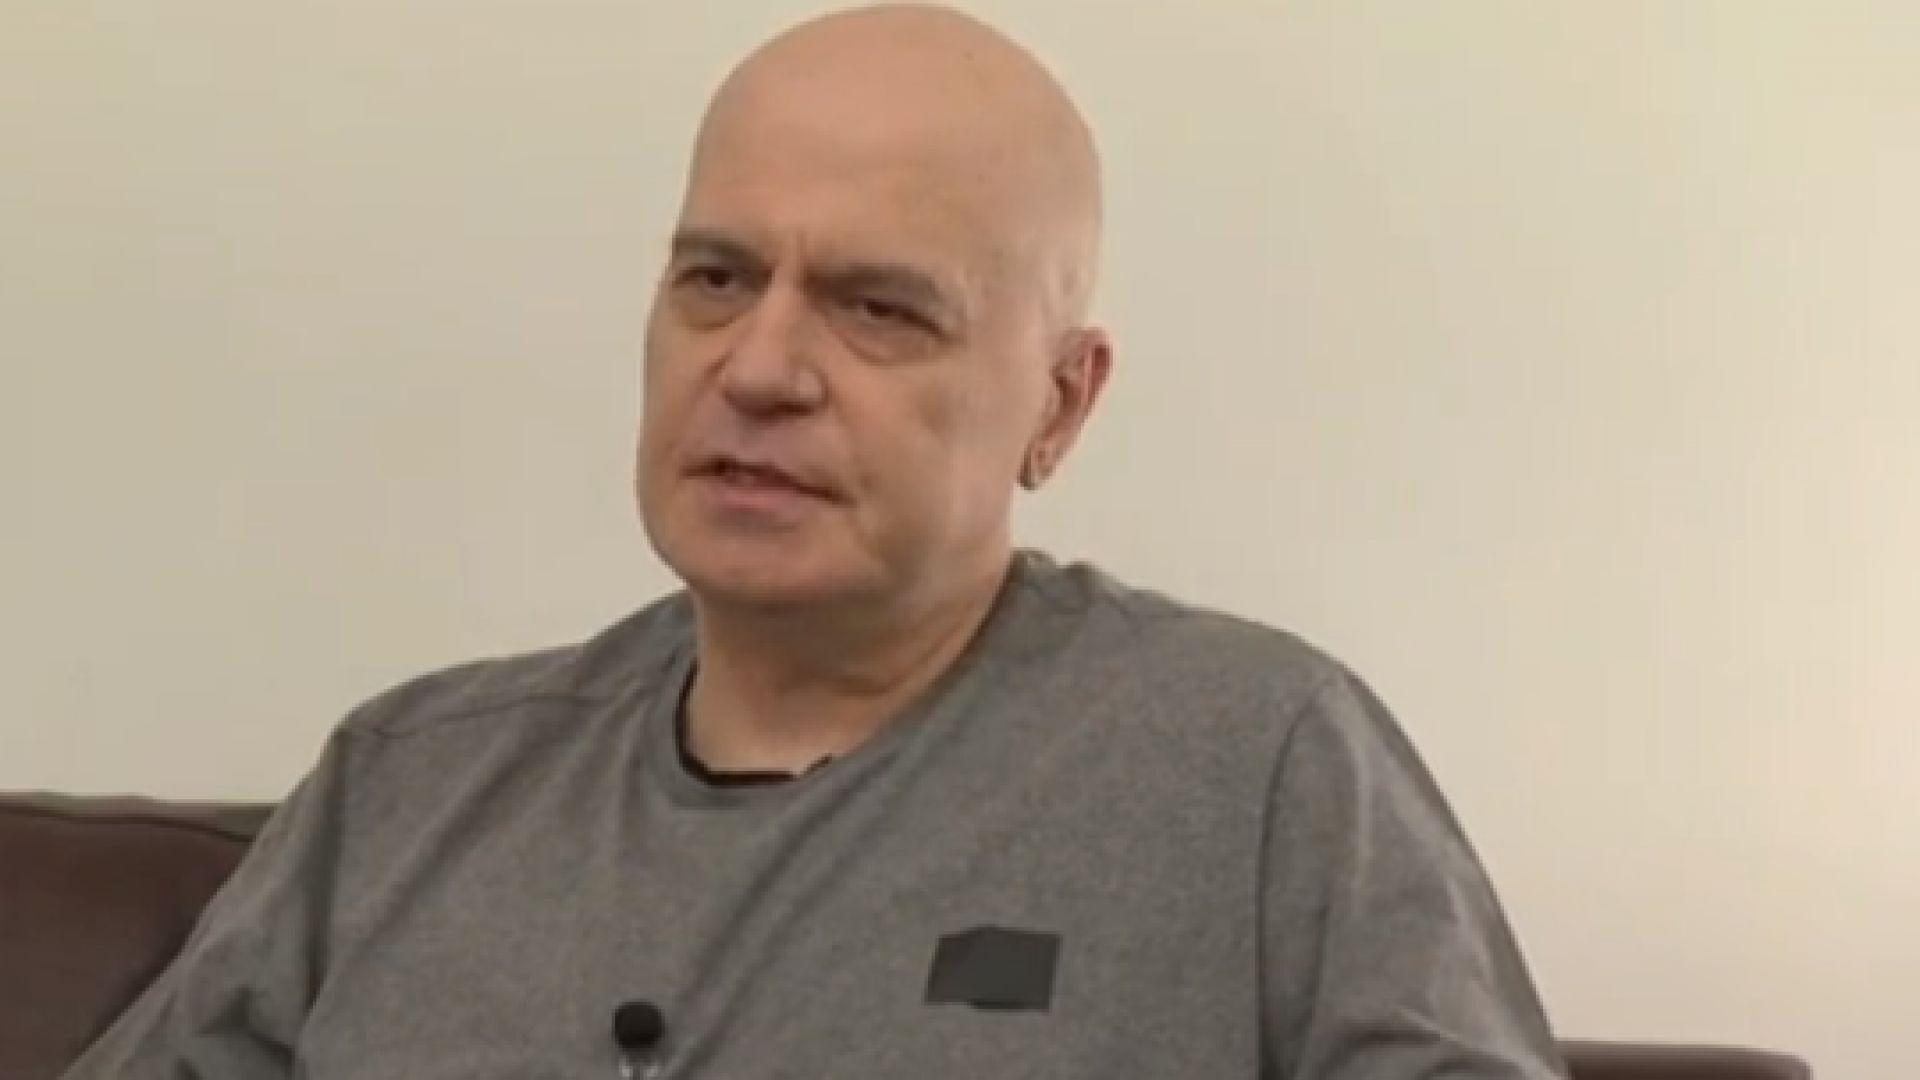 Слави Трифонов: Когато говорят срещу нещо, което съм направил, разбирам, че е правилно